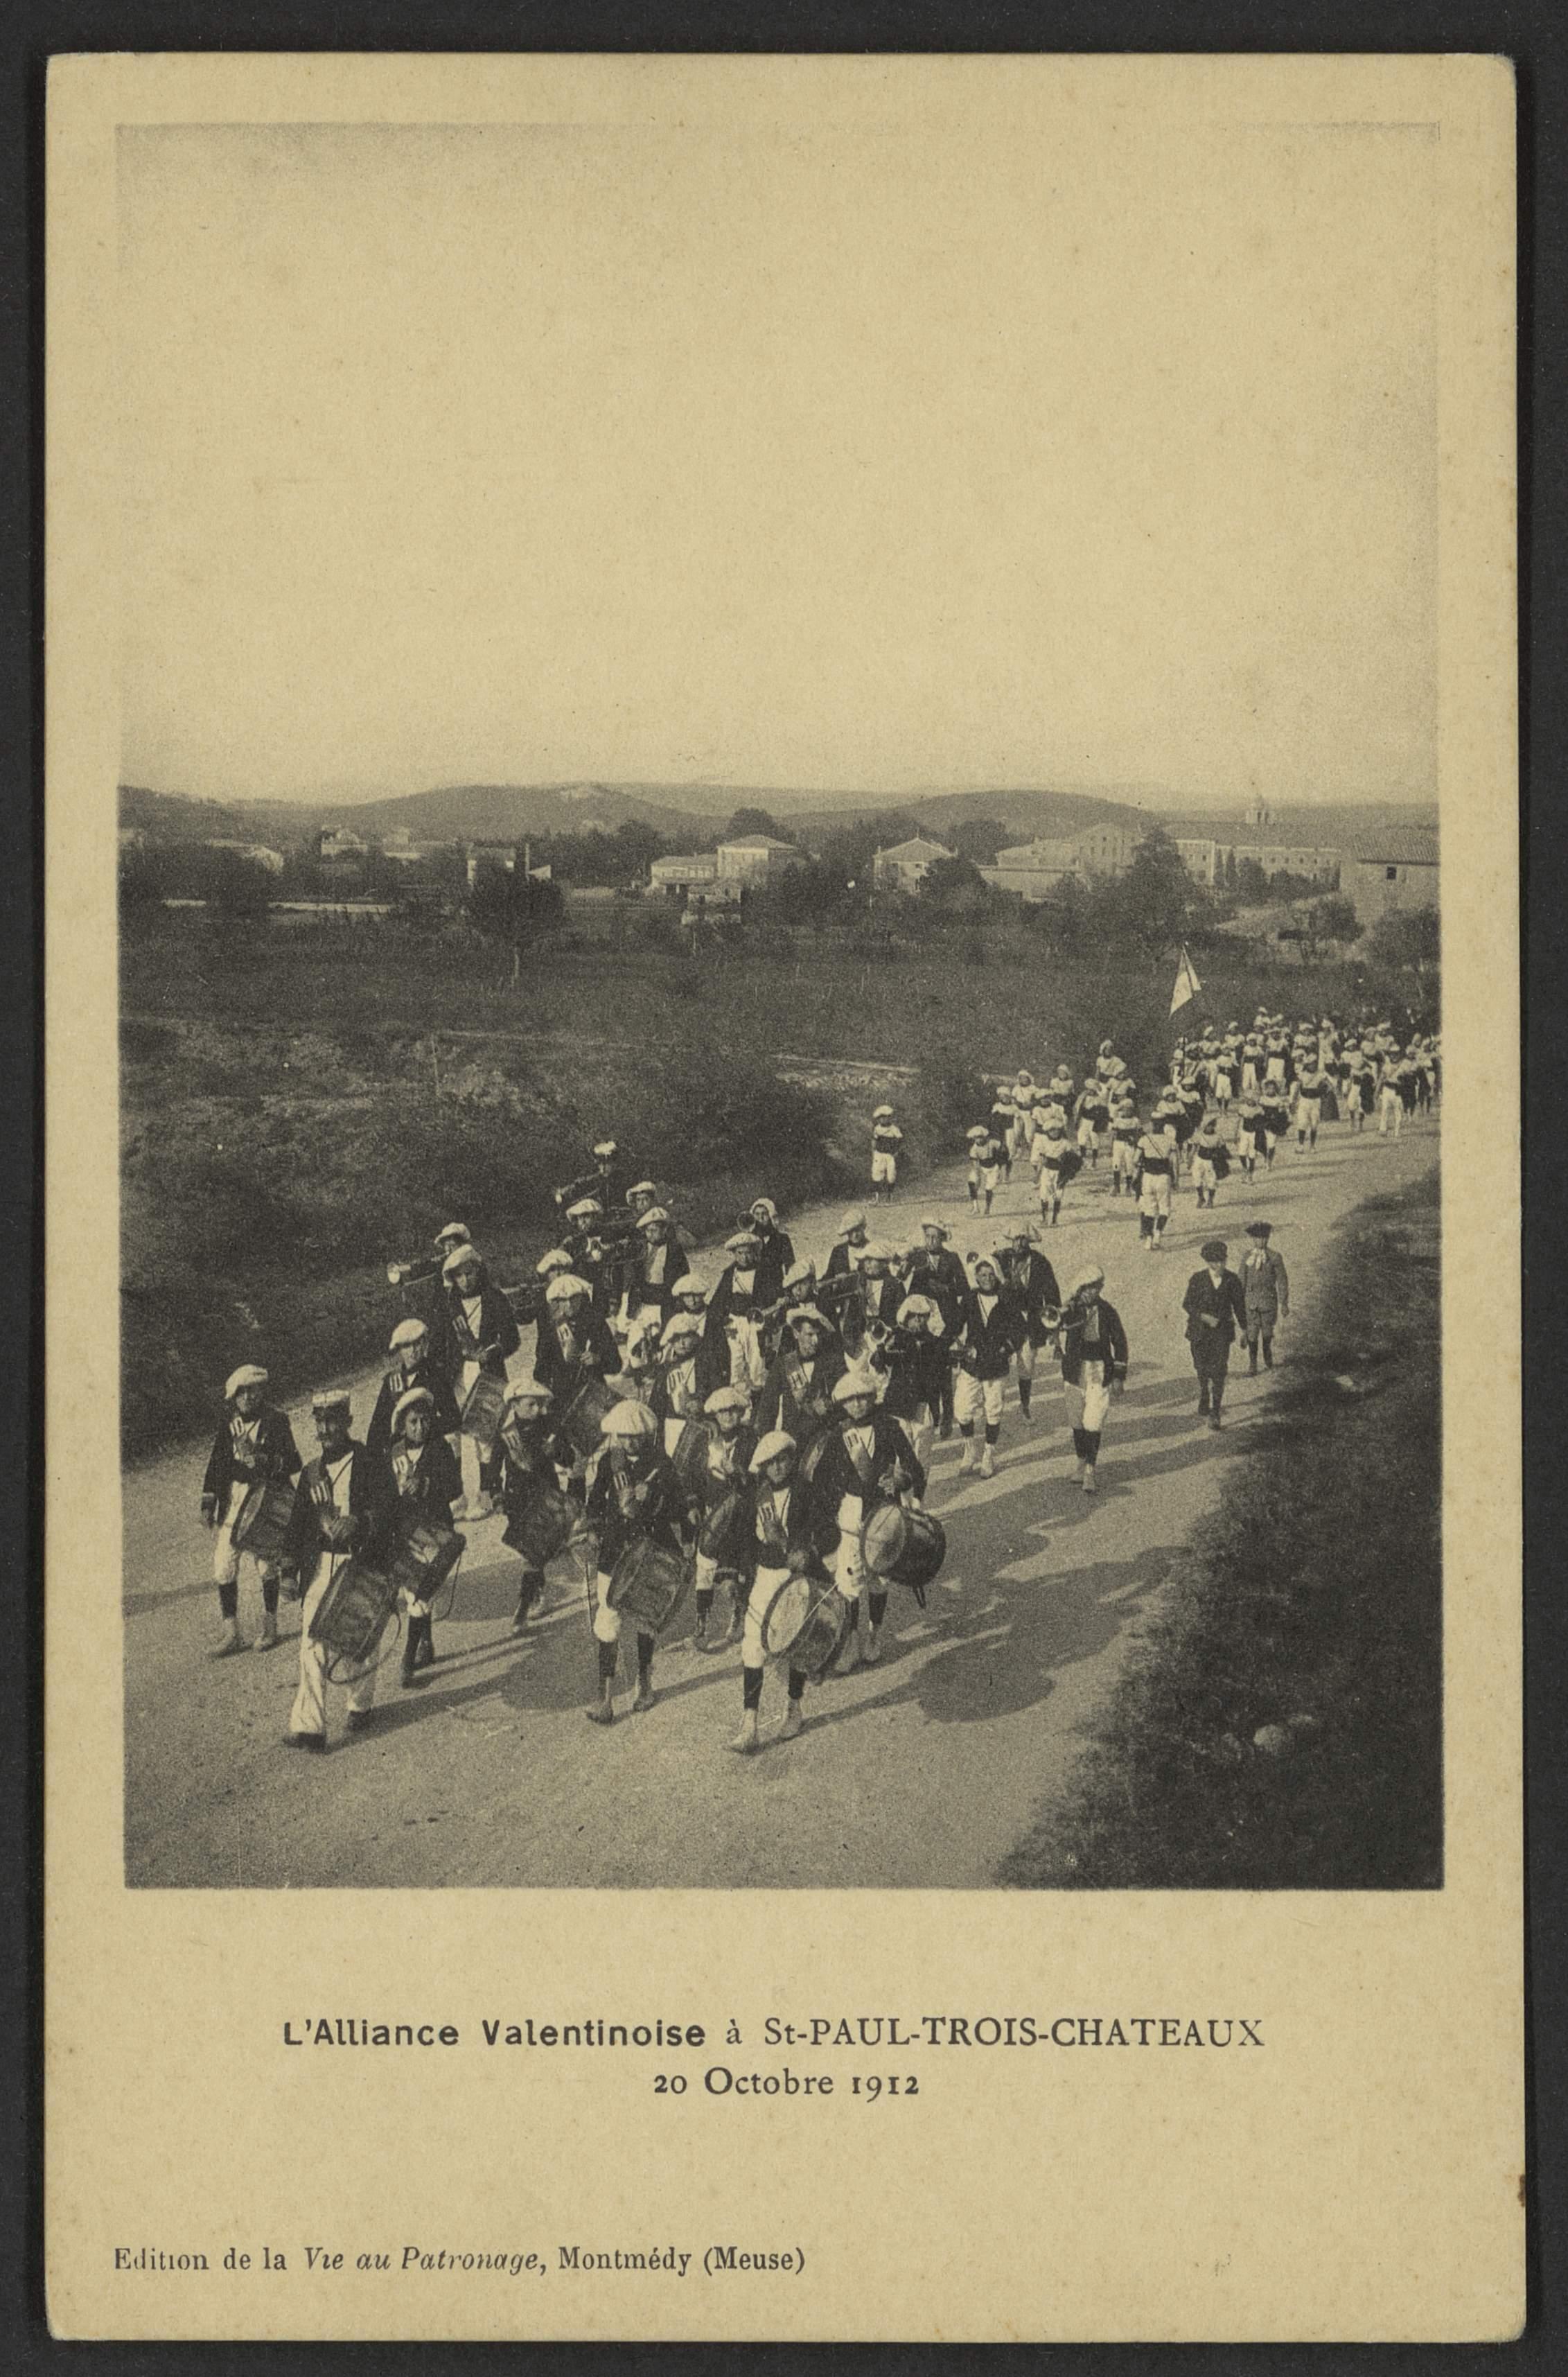 L'Alliance Valentinoise à St-Paul-Trois-Châteaux, 20 Octobre 1912